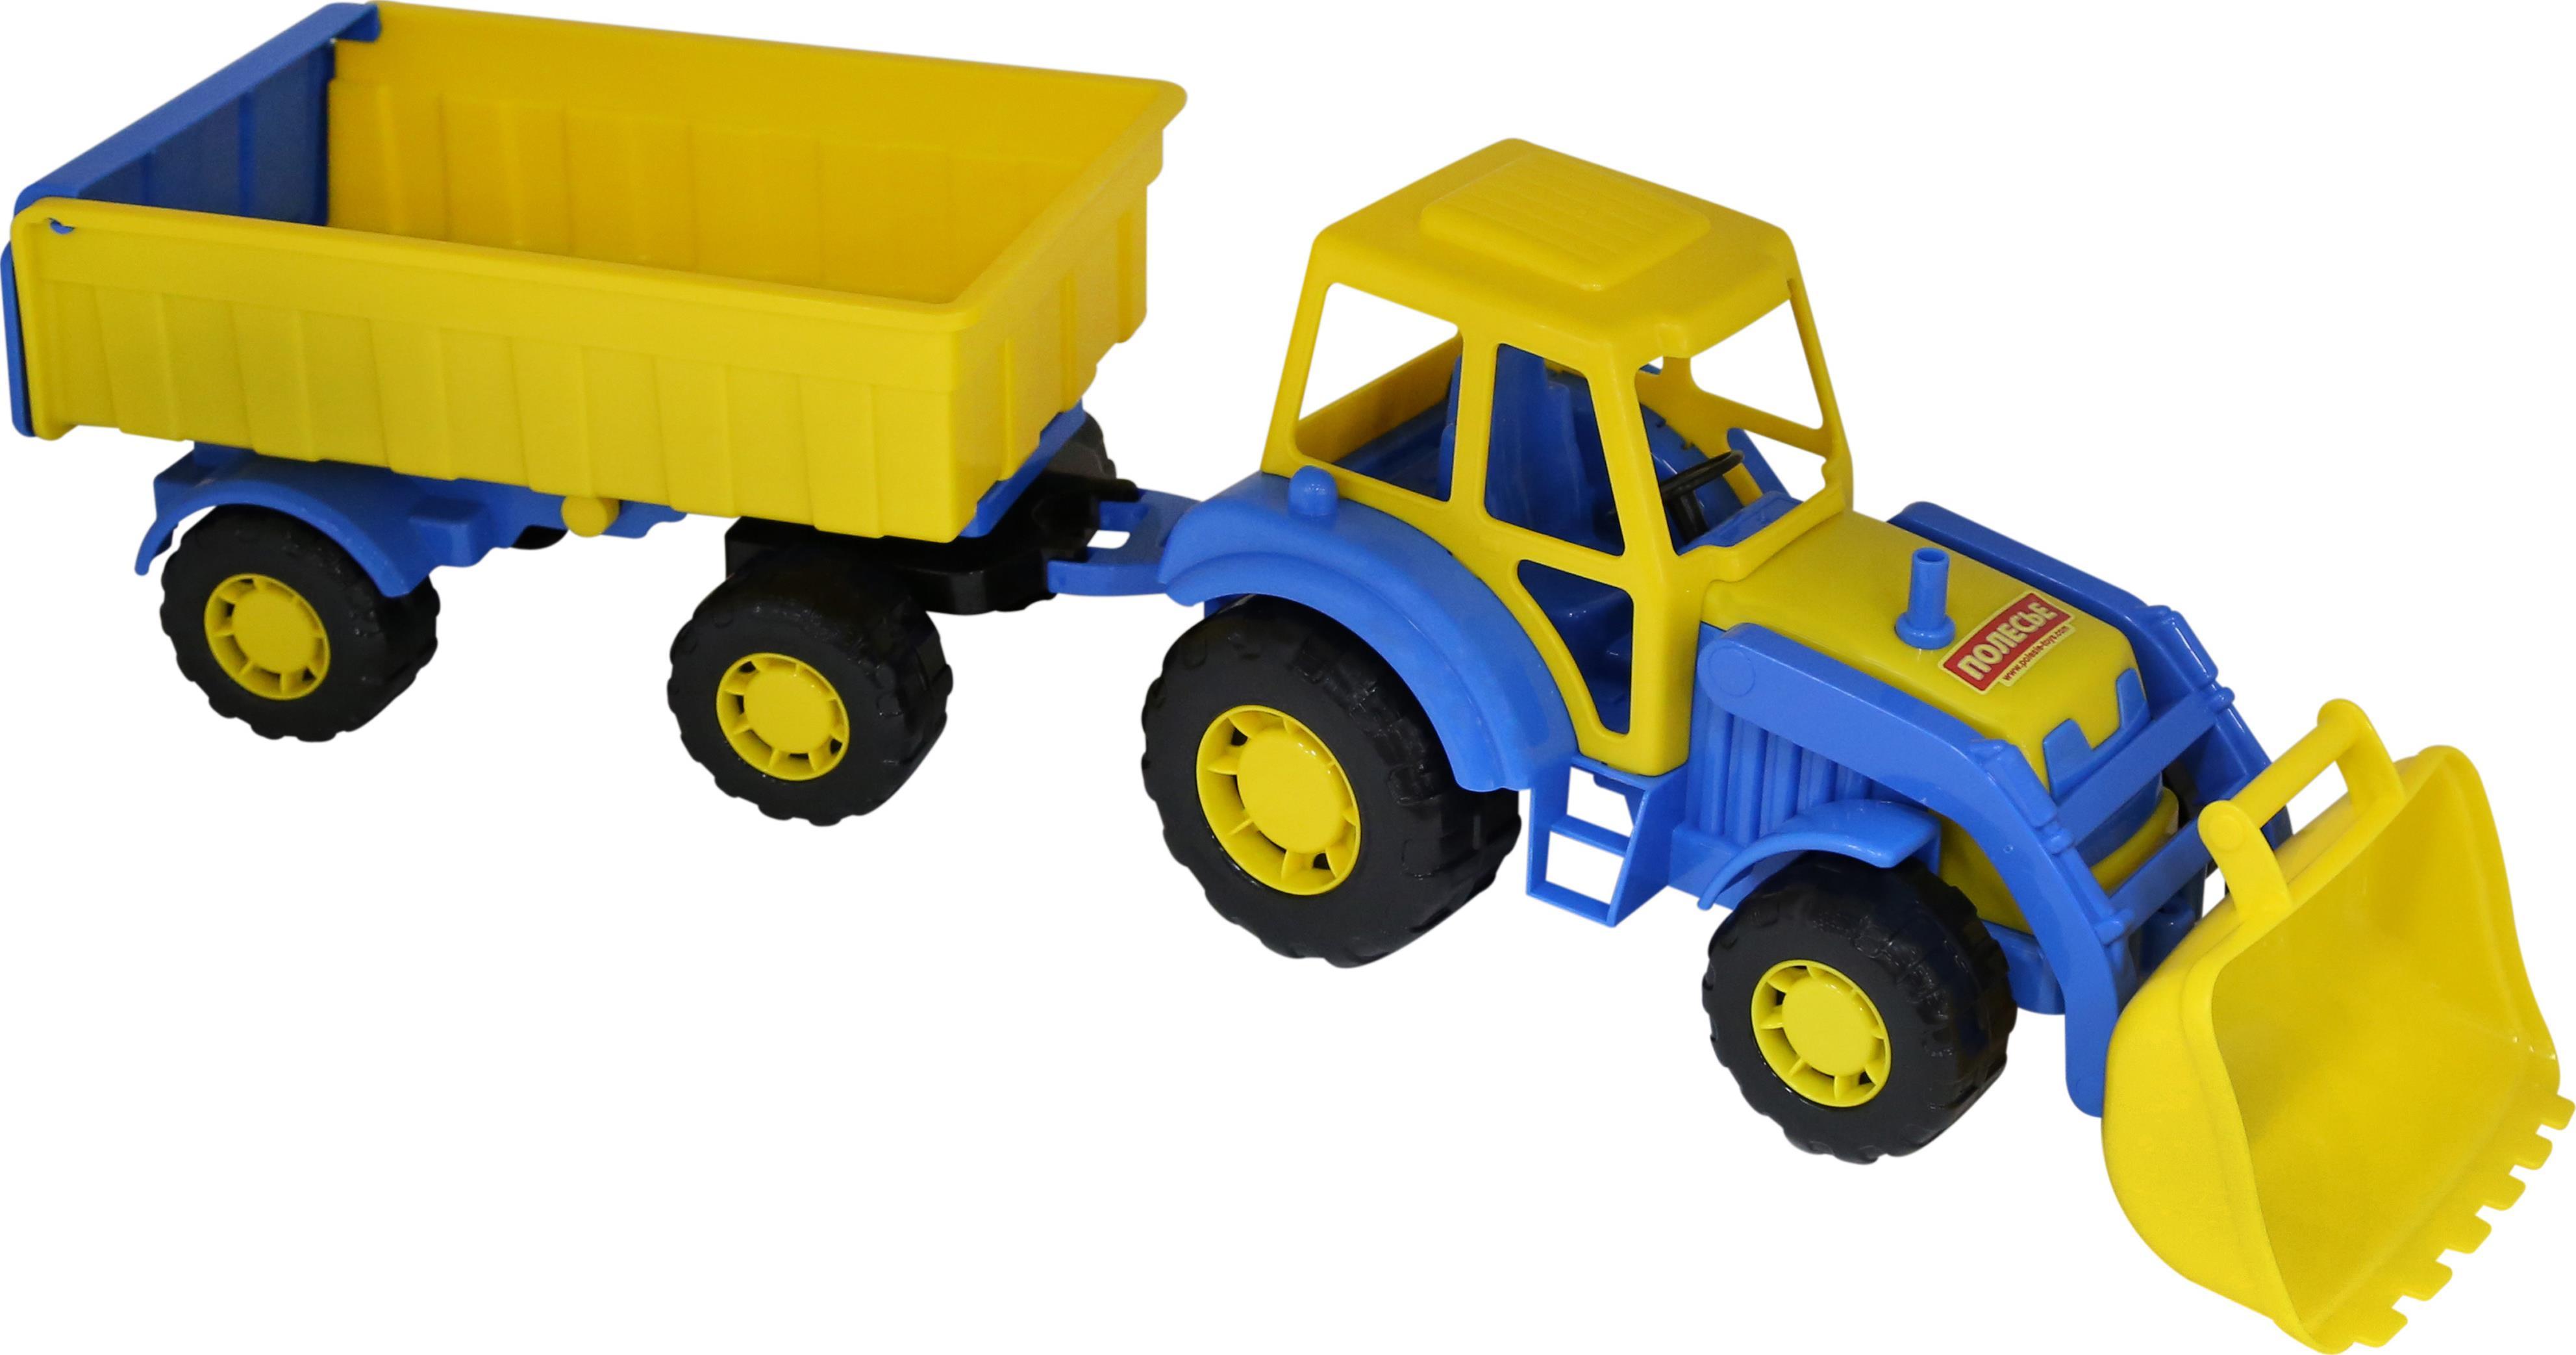 Трактор Алтай с прицепом и ковшомИгрушечные тракторы<br>Трактор Алтай с прицепом и ковшом<br>